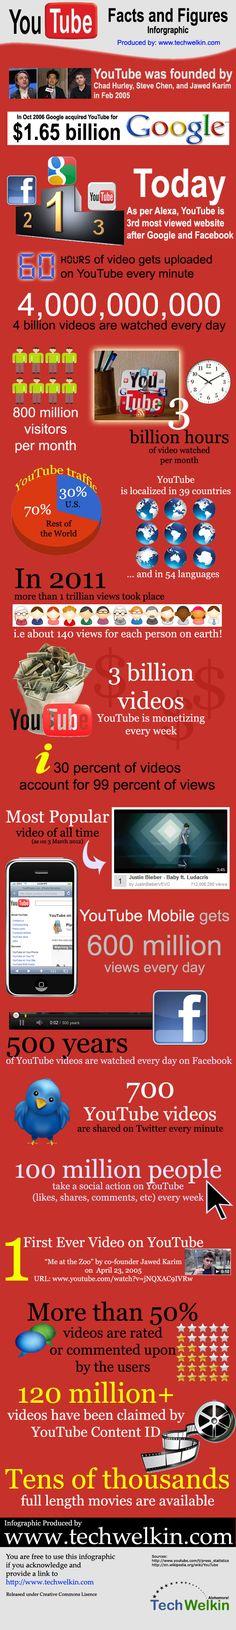 Estadísticas sobre YouTube #infografia #infographic #socialmedia vía @alfredovela